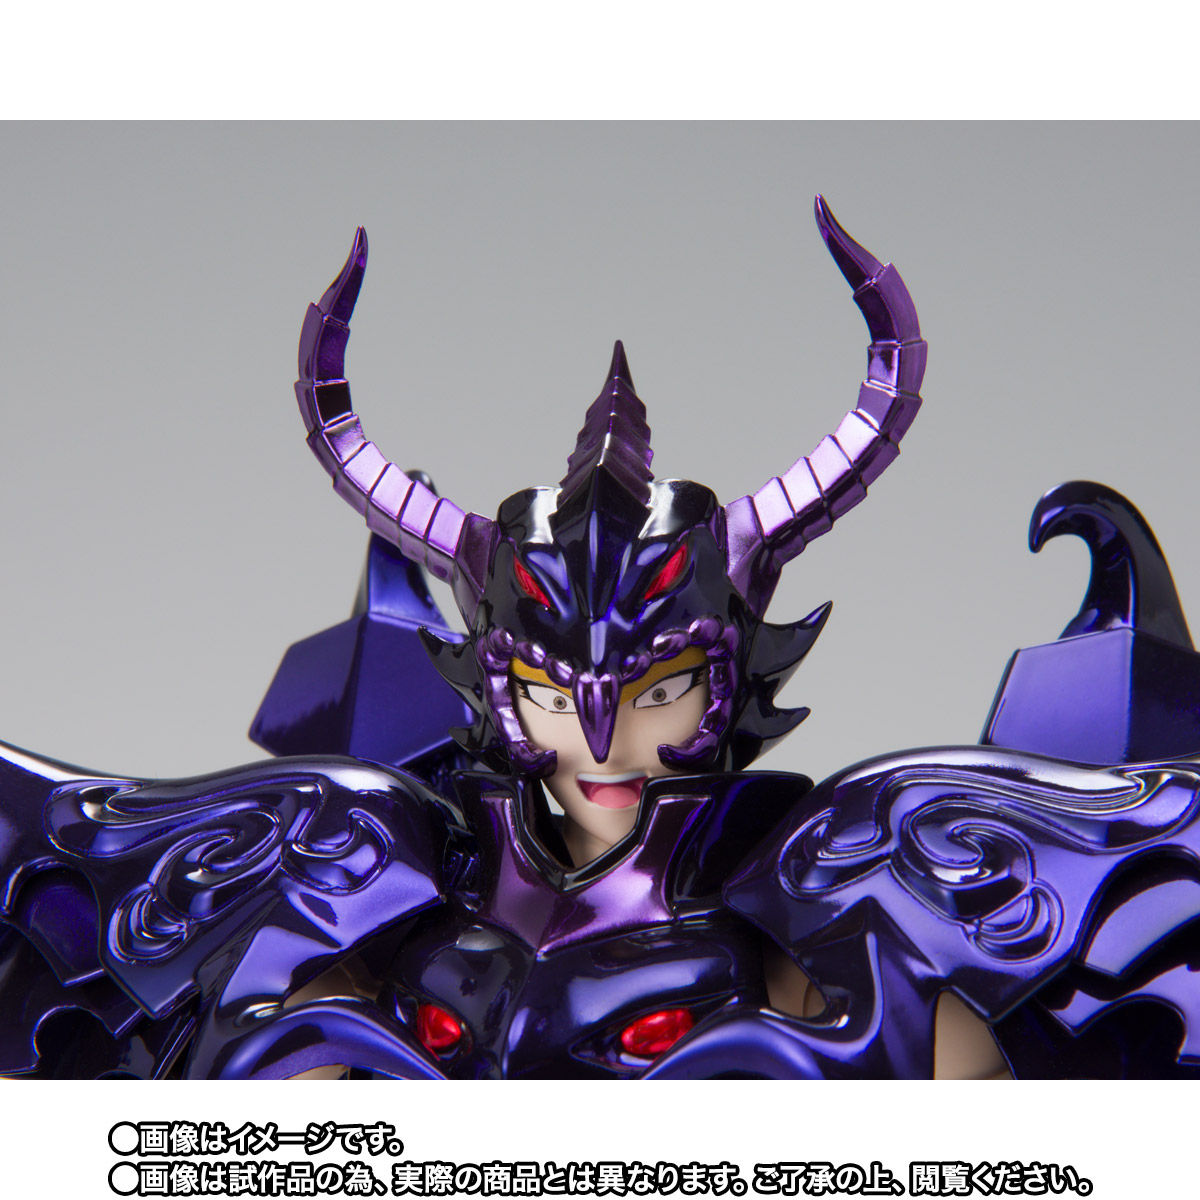 【限定販売】聖闘士聖衣神話EX『ワイバーンラダマンティス ~ORIGINAL COLOR EDITION~』可動フィギュア-008